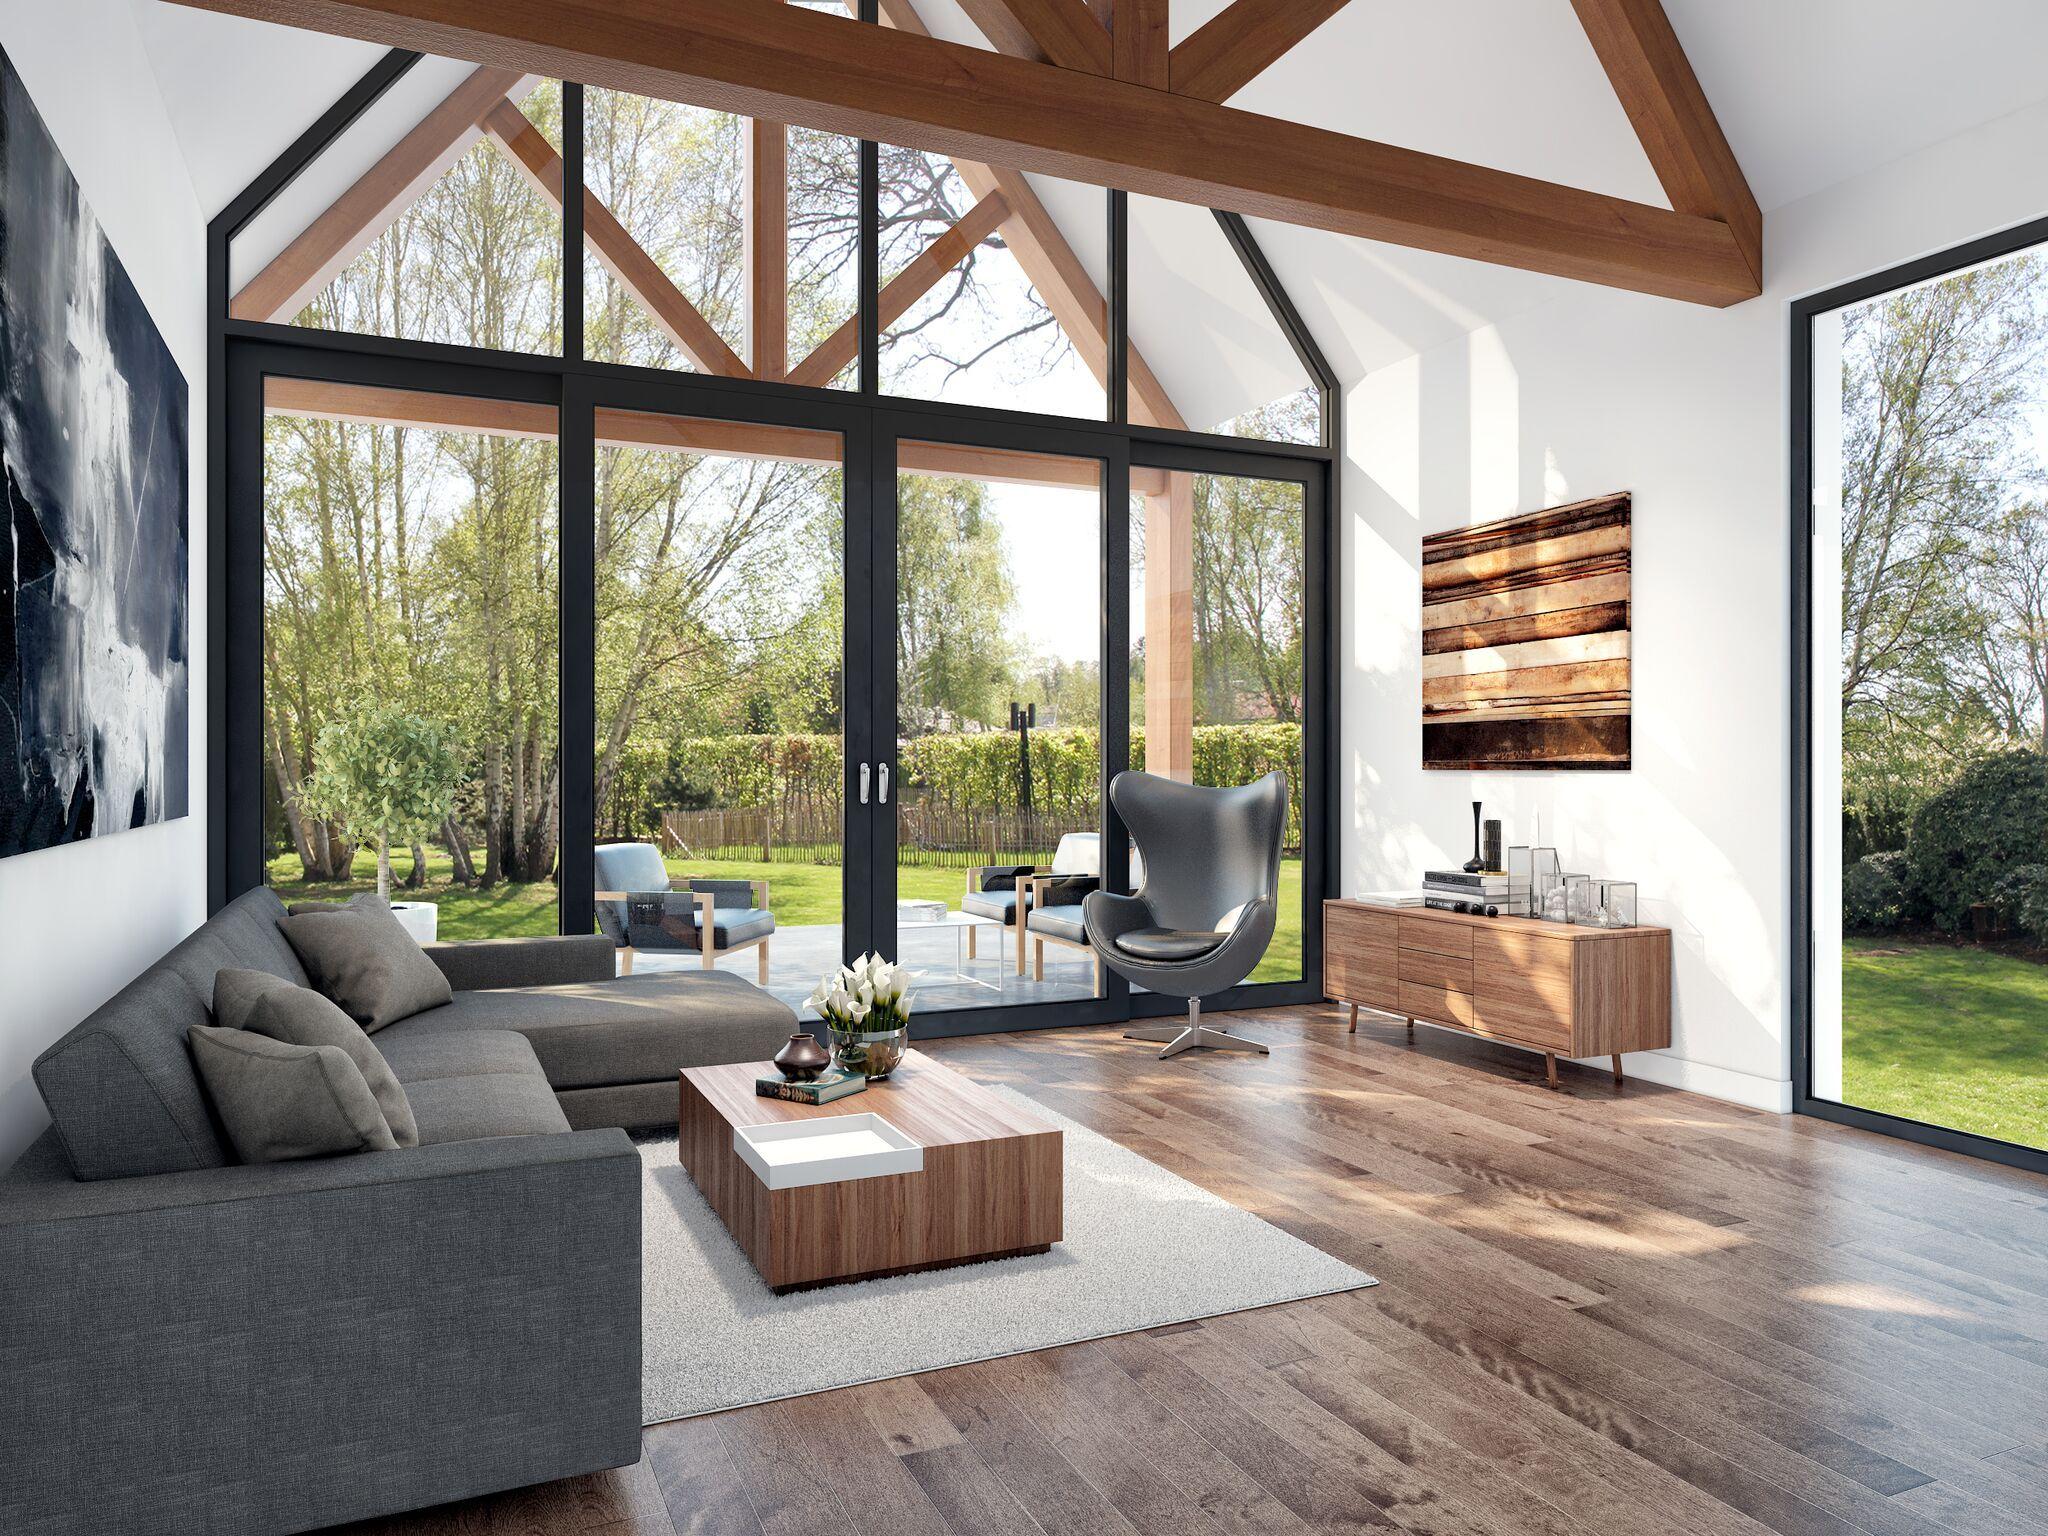 Gallery of landelijke moderne villa met stoere elementen